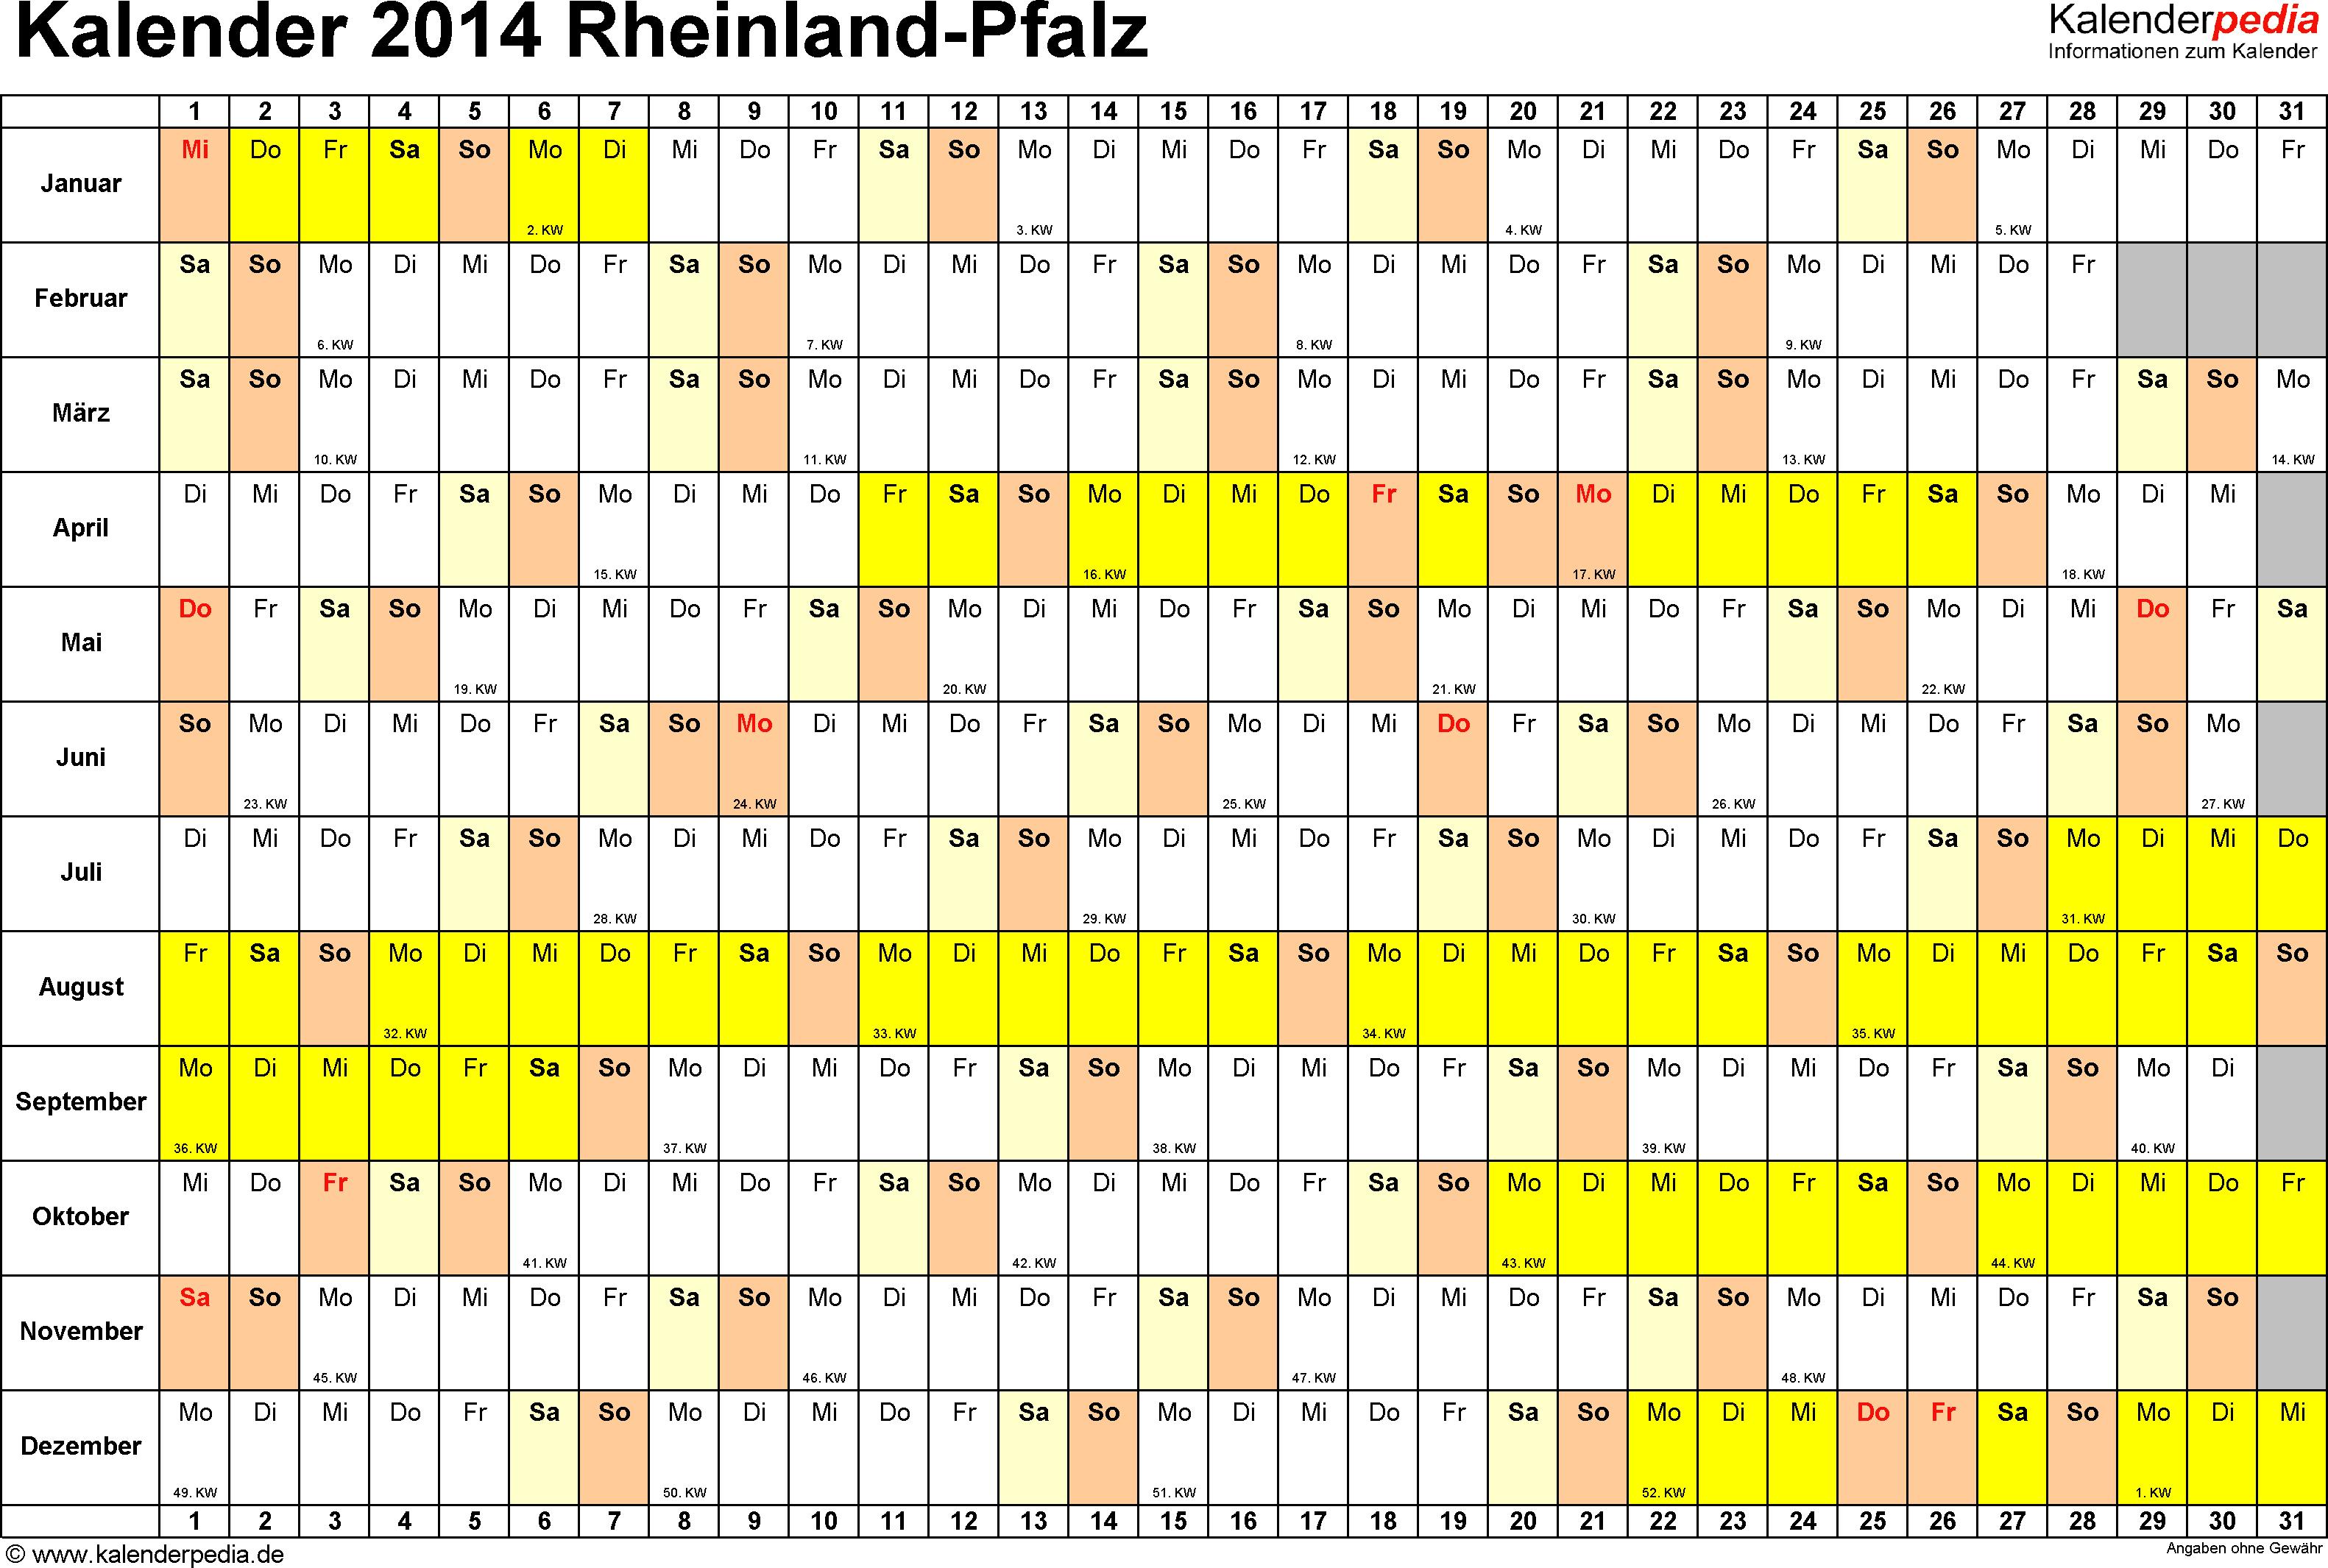 Vorlage 2: Kalender Rheinland-Pfalz 2014 im Querformat, Tage nebeneinander